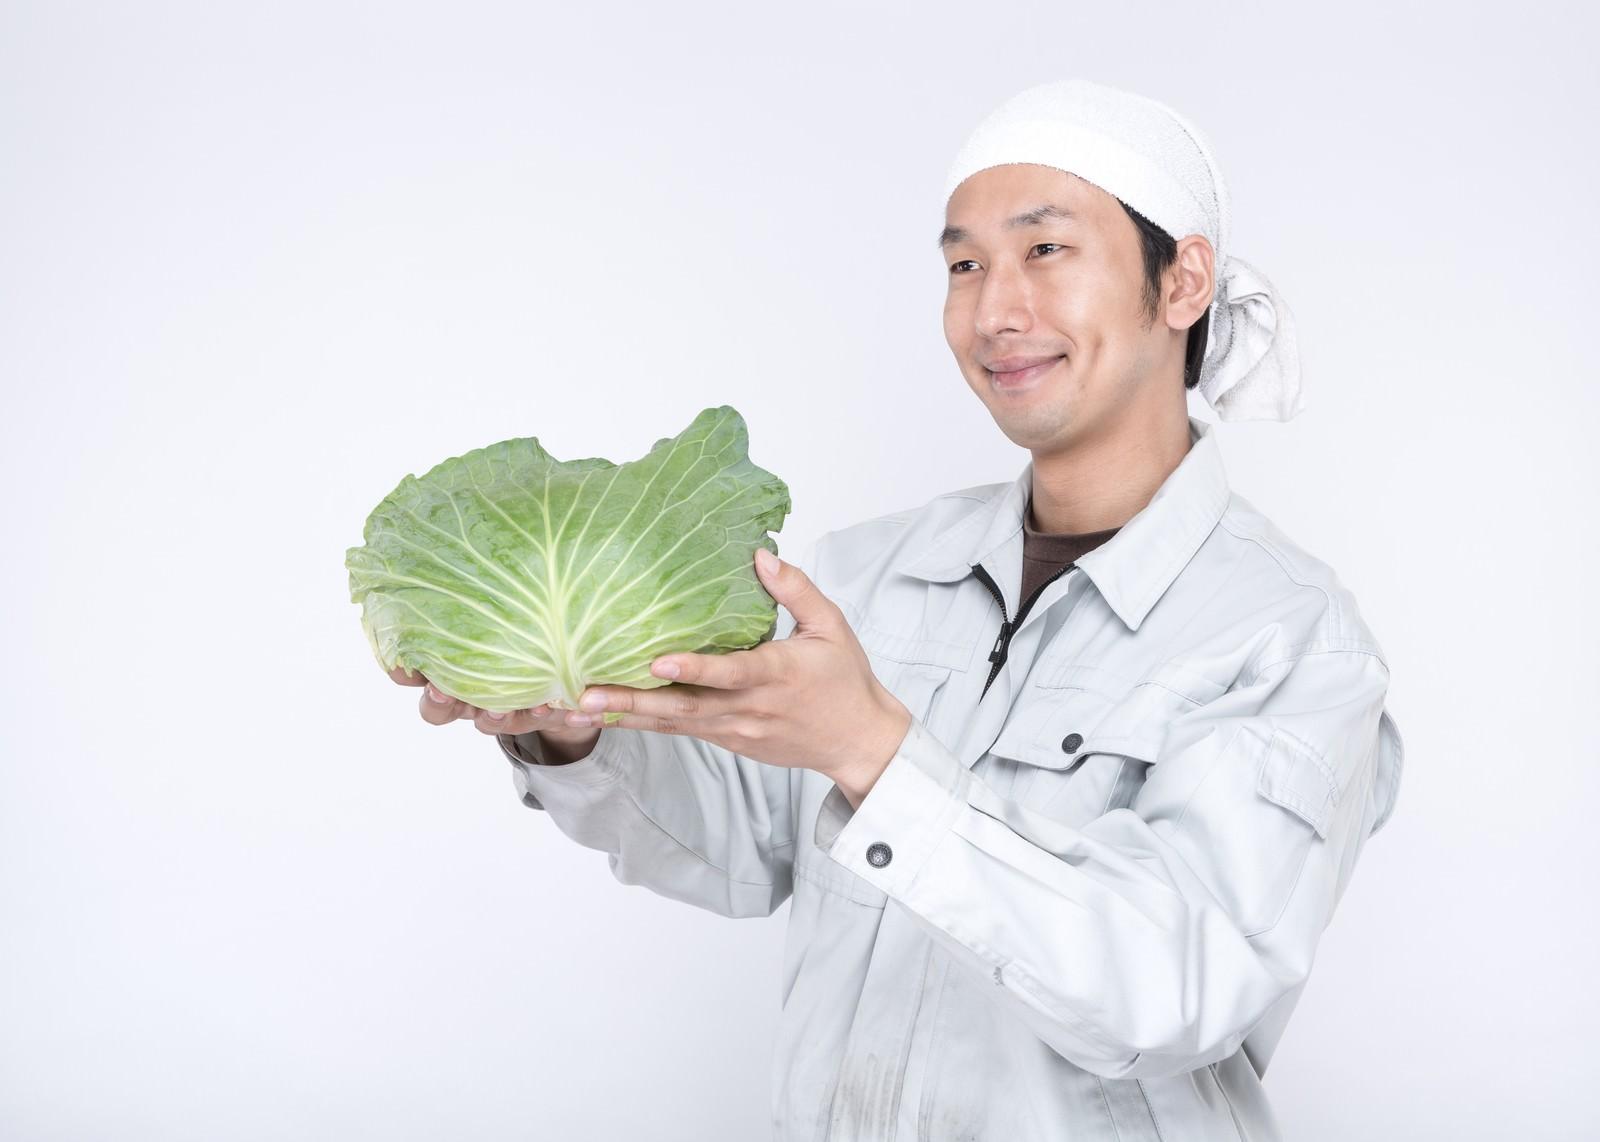 「愛情込めて生産した有機野菜を渡す農家の男性」の写真[モデル:大川竜弥]